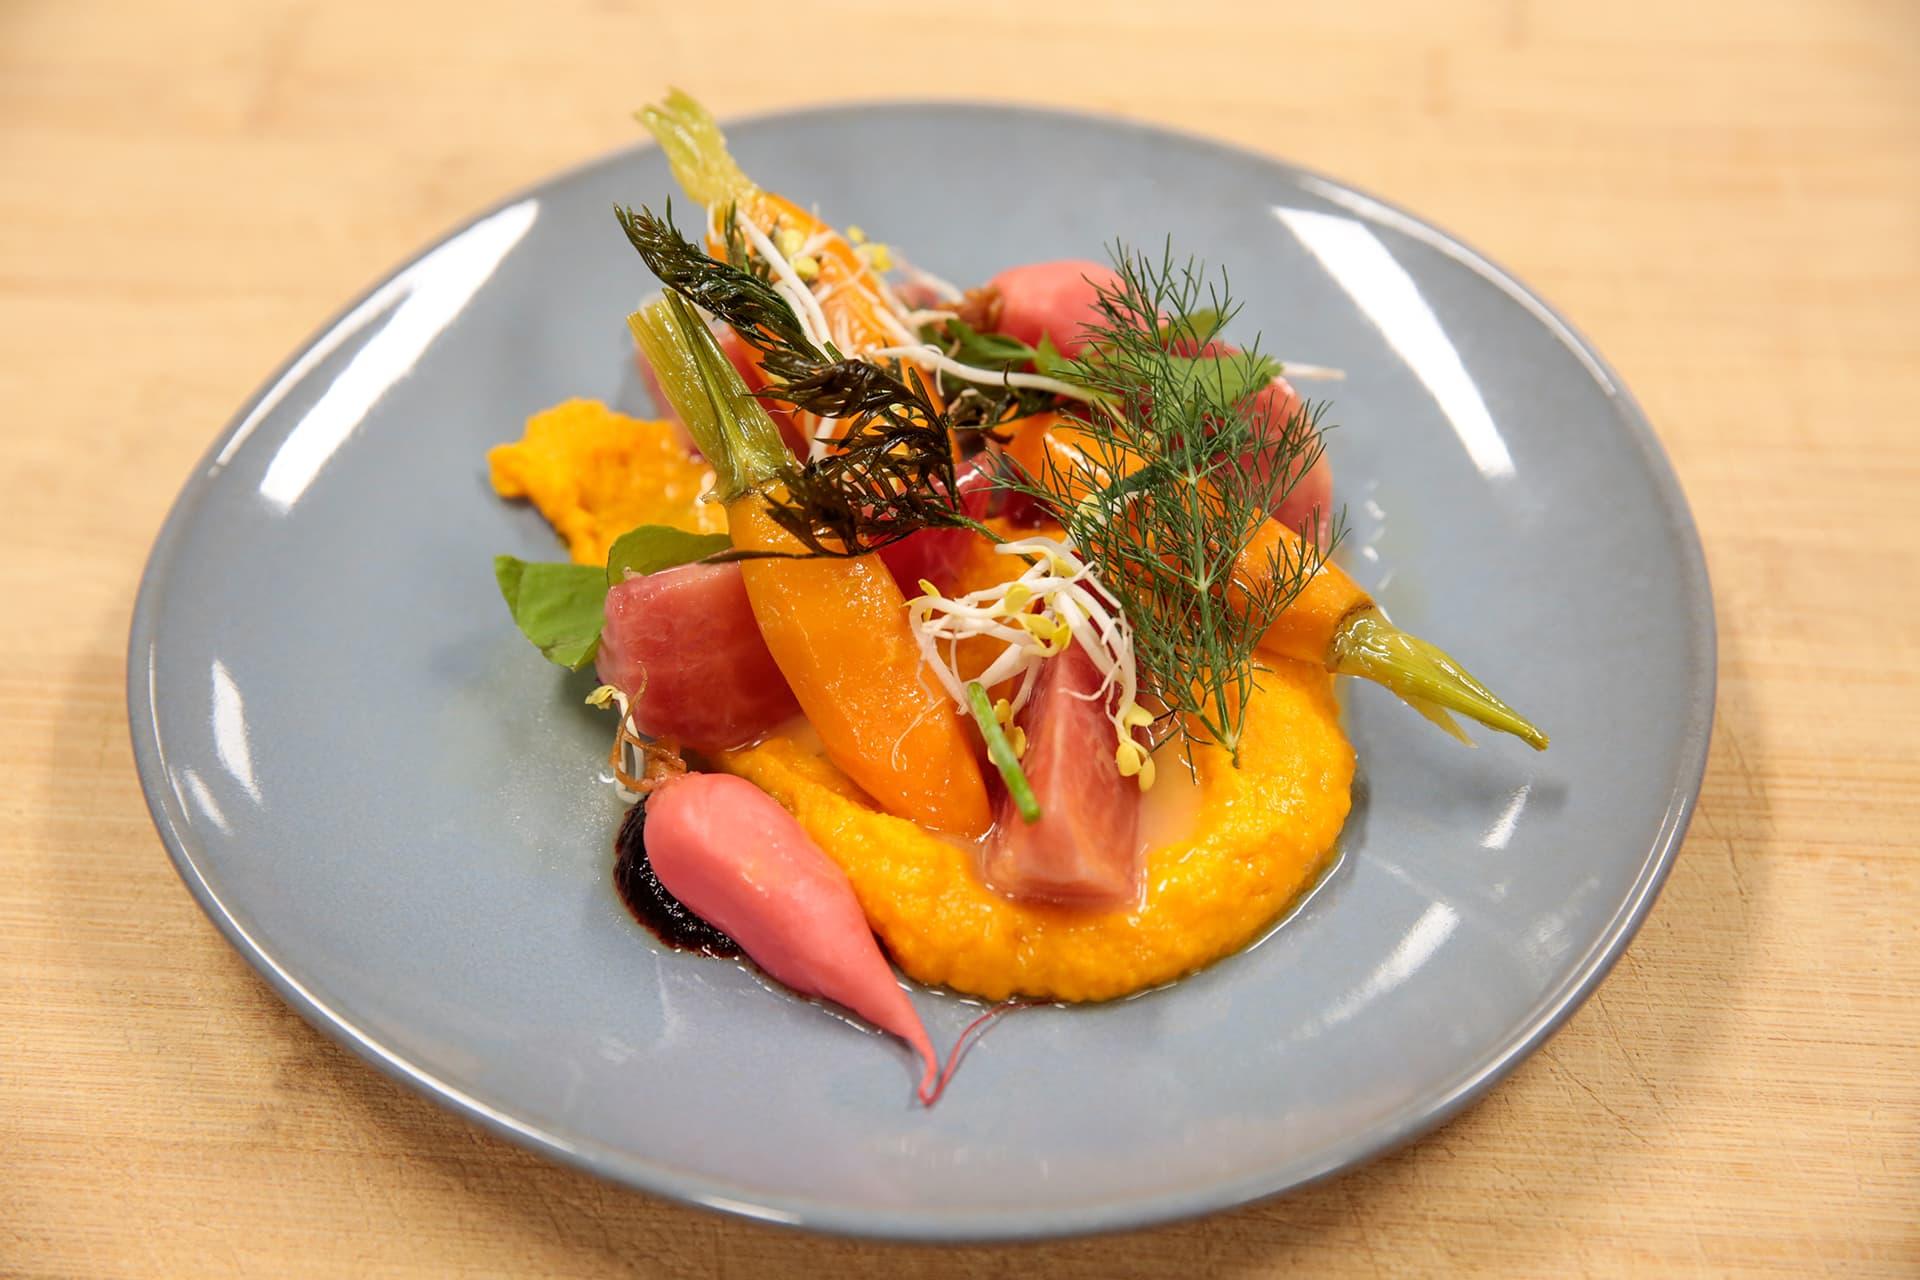 Möhren und Beete - Fränkische Karotte und bunte Beete in Texturen